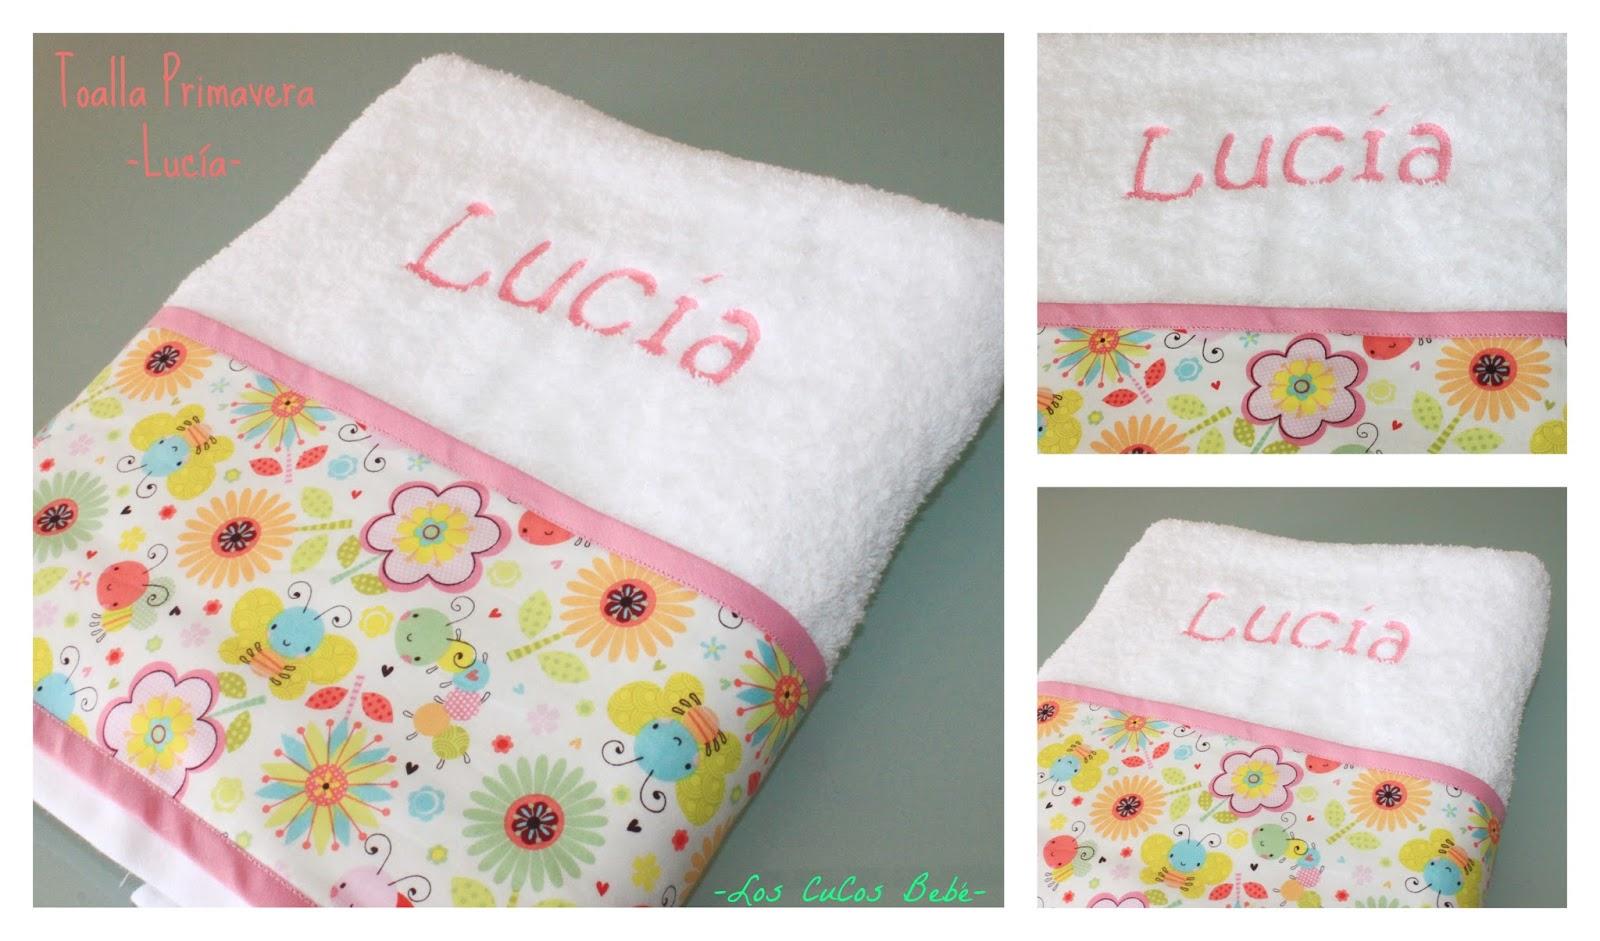 Los cucos beb toallas personalizadas - Toallas infantiles personalizadas ...